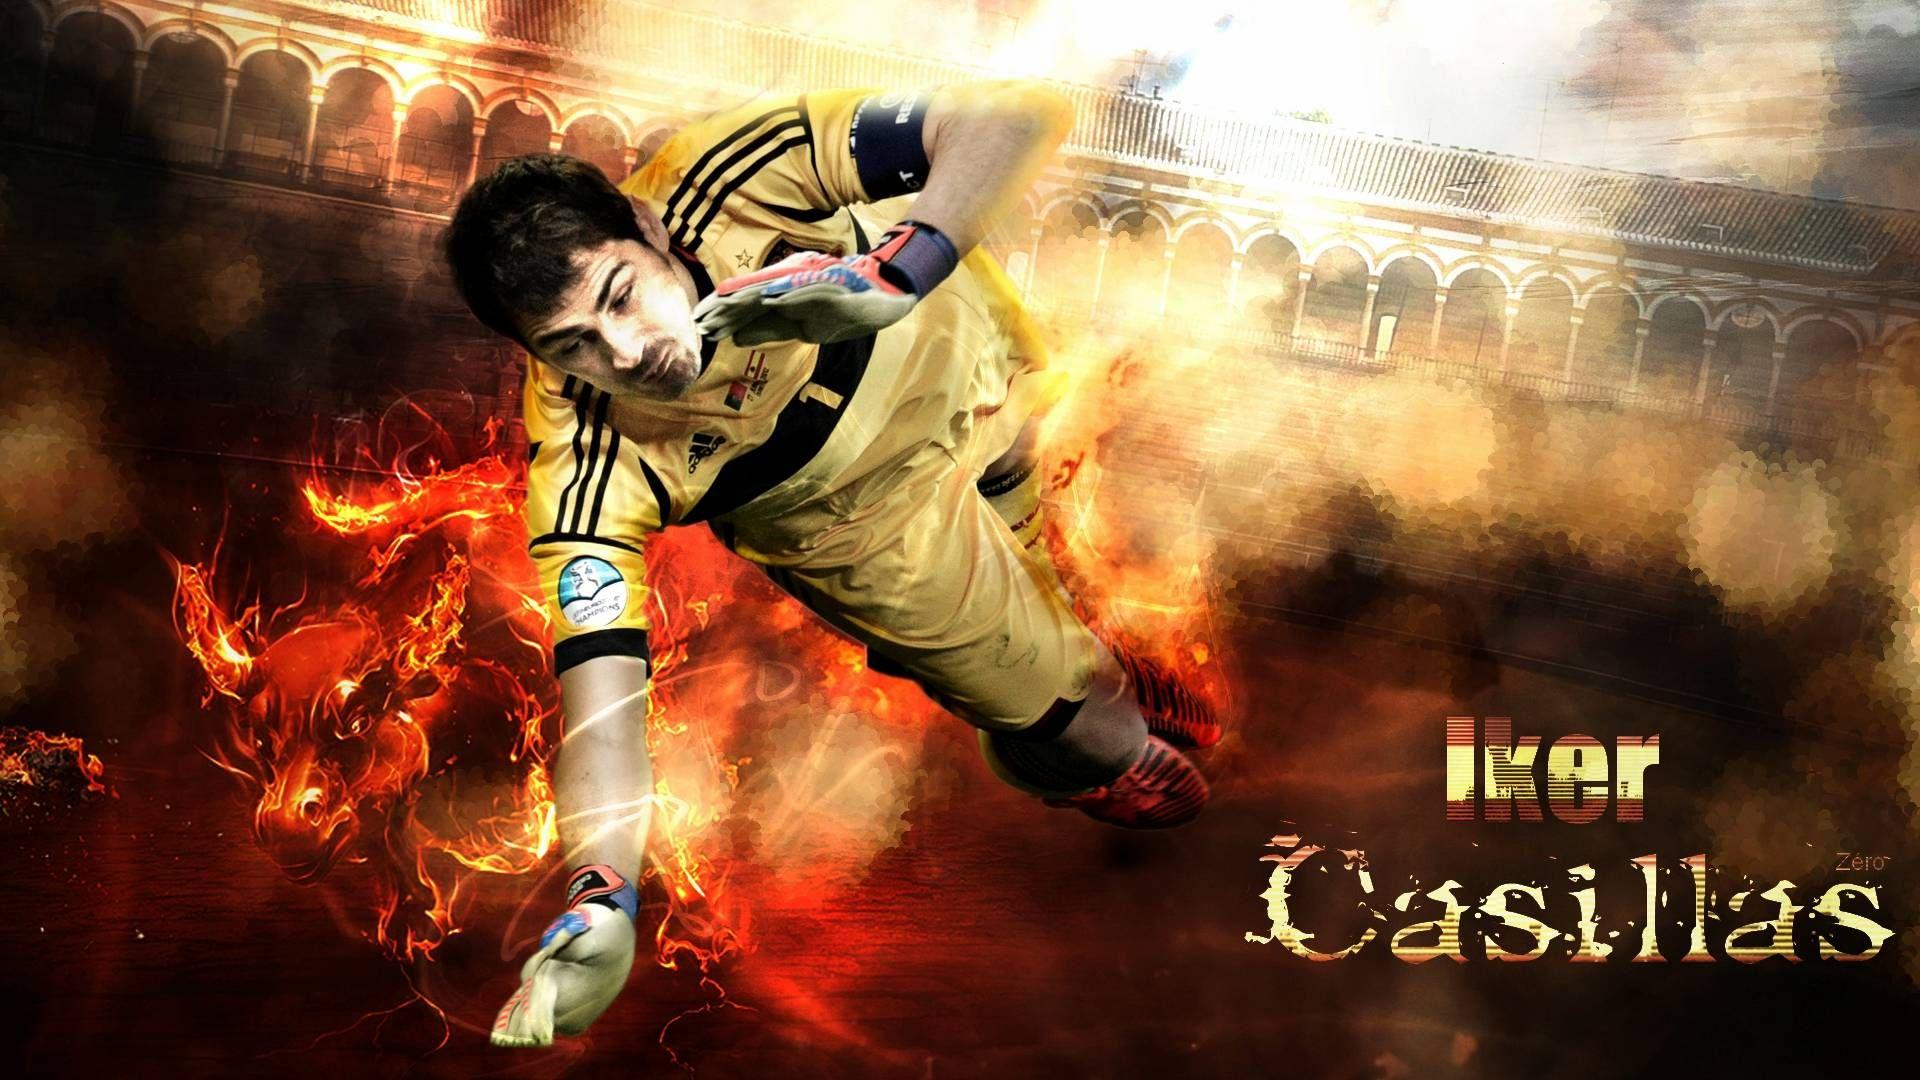 Iker Casillas HD Wallpapers IkerCasillas